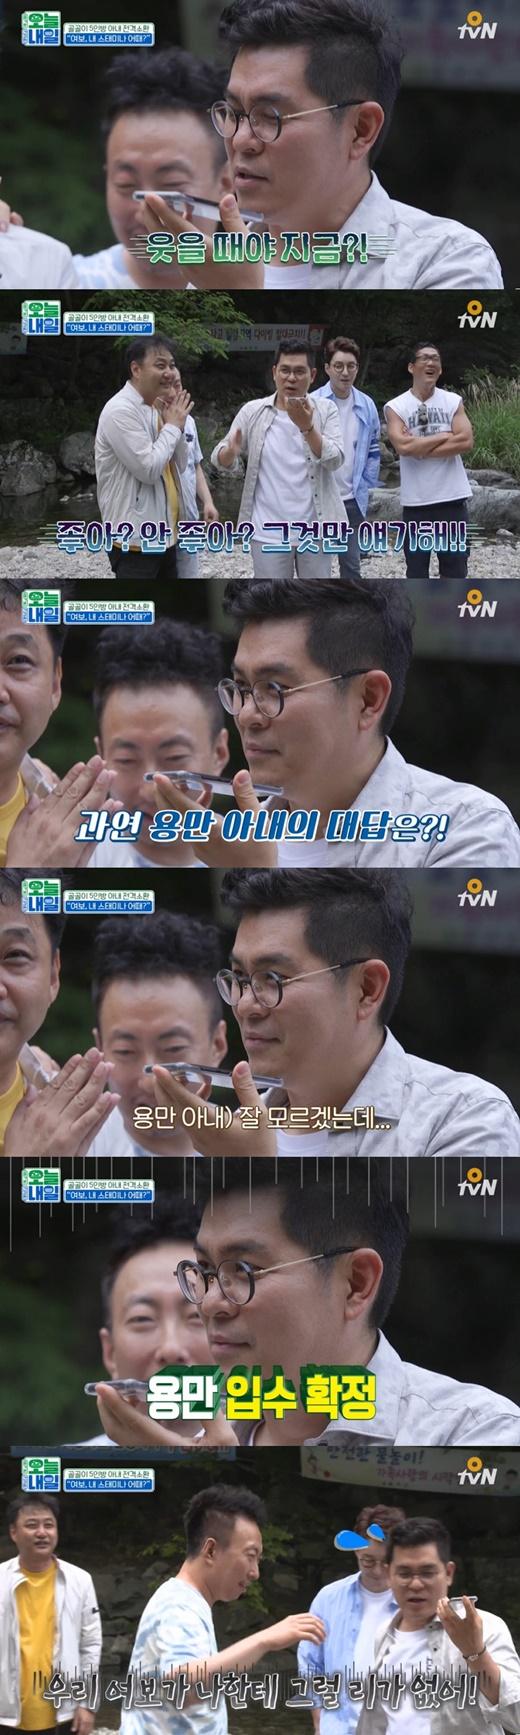 """'오늘내일' 김용만 아내 """"남편 스태미나? 잘 모르겠다"""" 굴욕"""